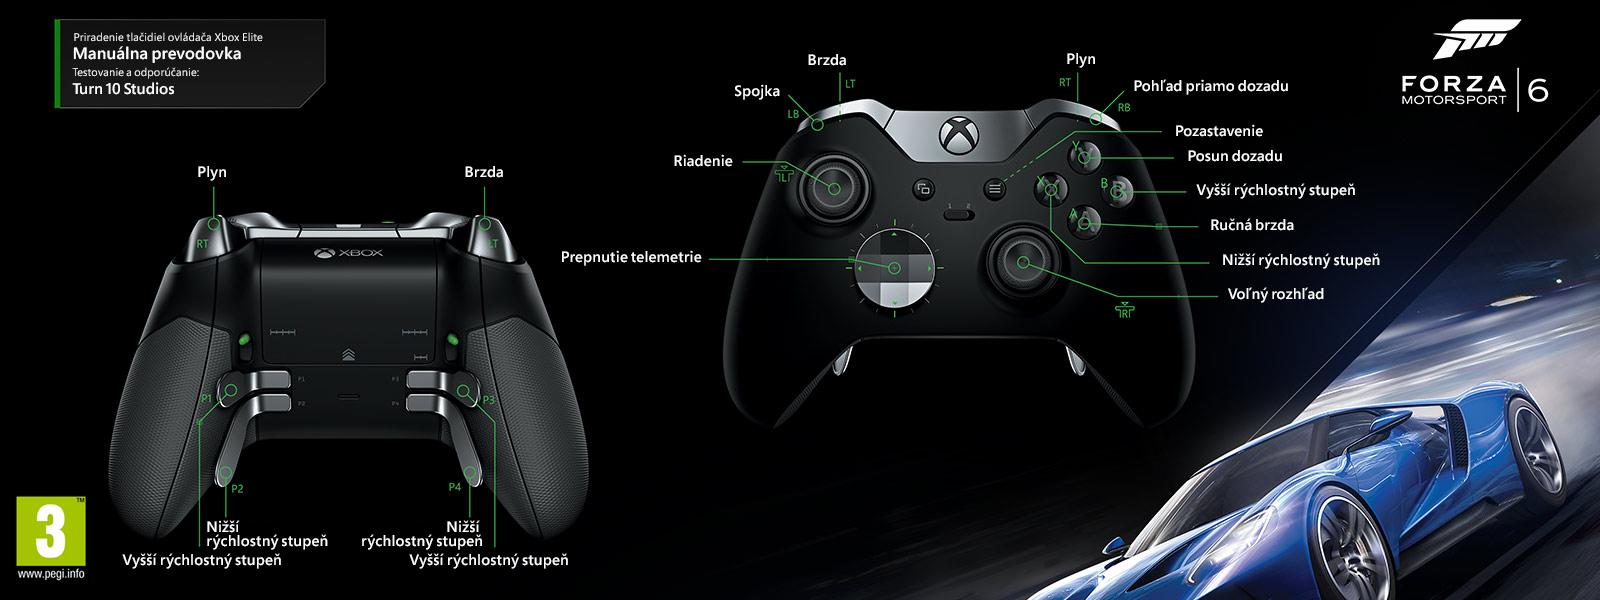 Mapovanie ovládača Elite na manuálny prevod k hre Forza Motorsport 6